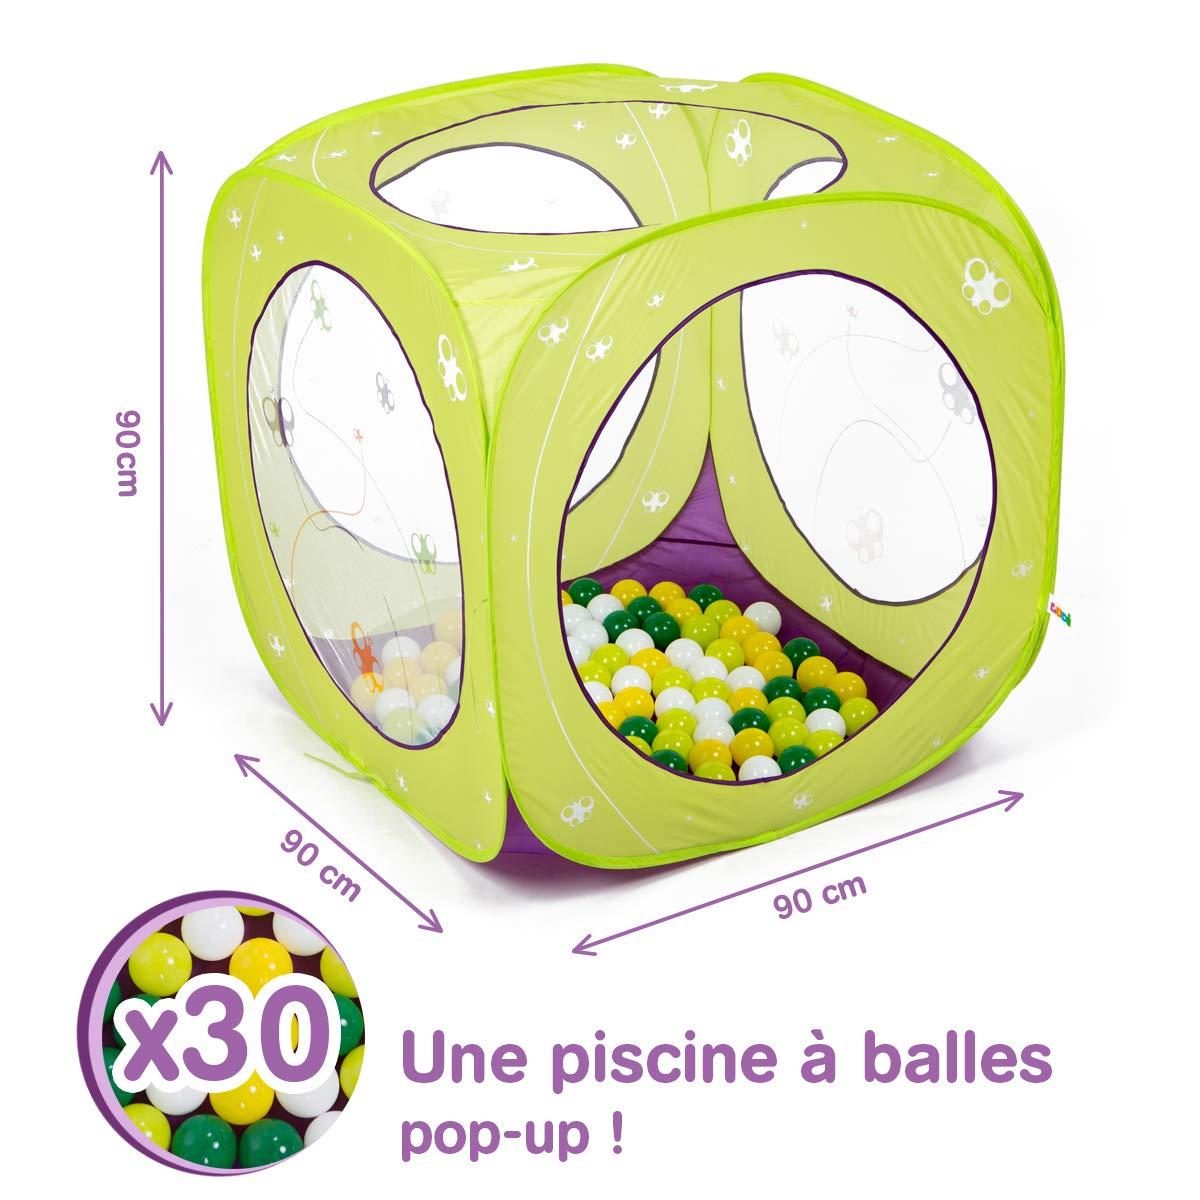 LUDI - Piscine à balles en tissu et structure pop-up 90 x 90 x 90 cm. Dès 12 mois. 30 balles incluses. Se plie et se range dans un sac. Tissu résistant pour une utilisation en extérieur - 2845 product image